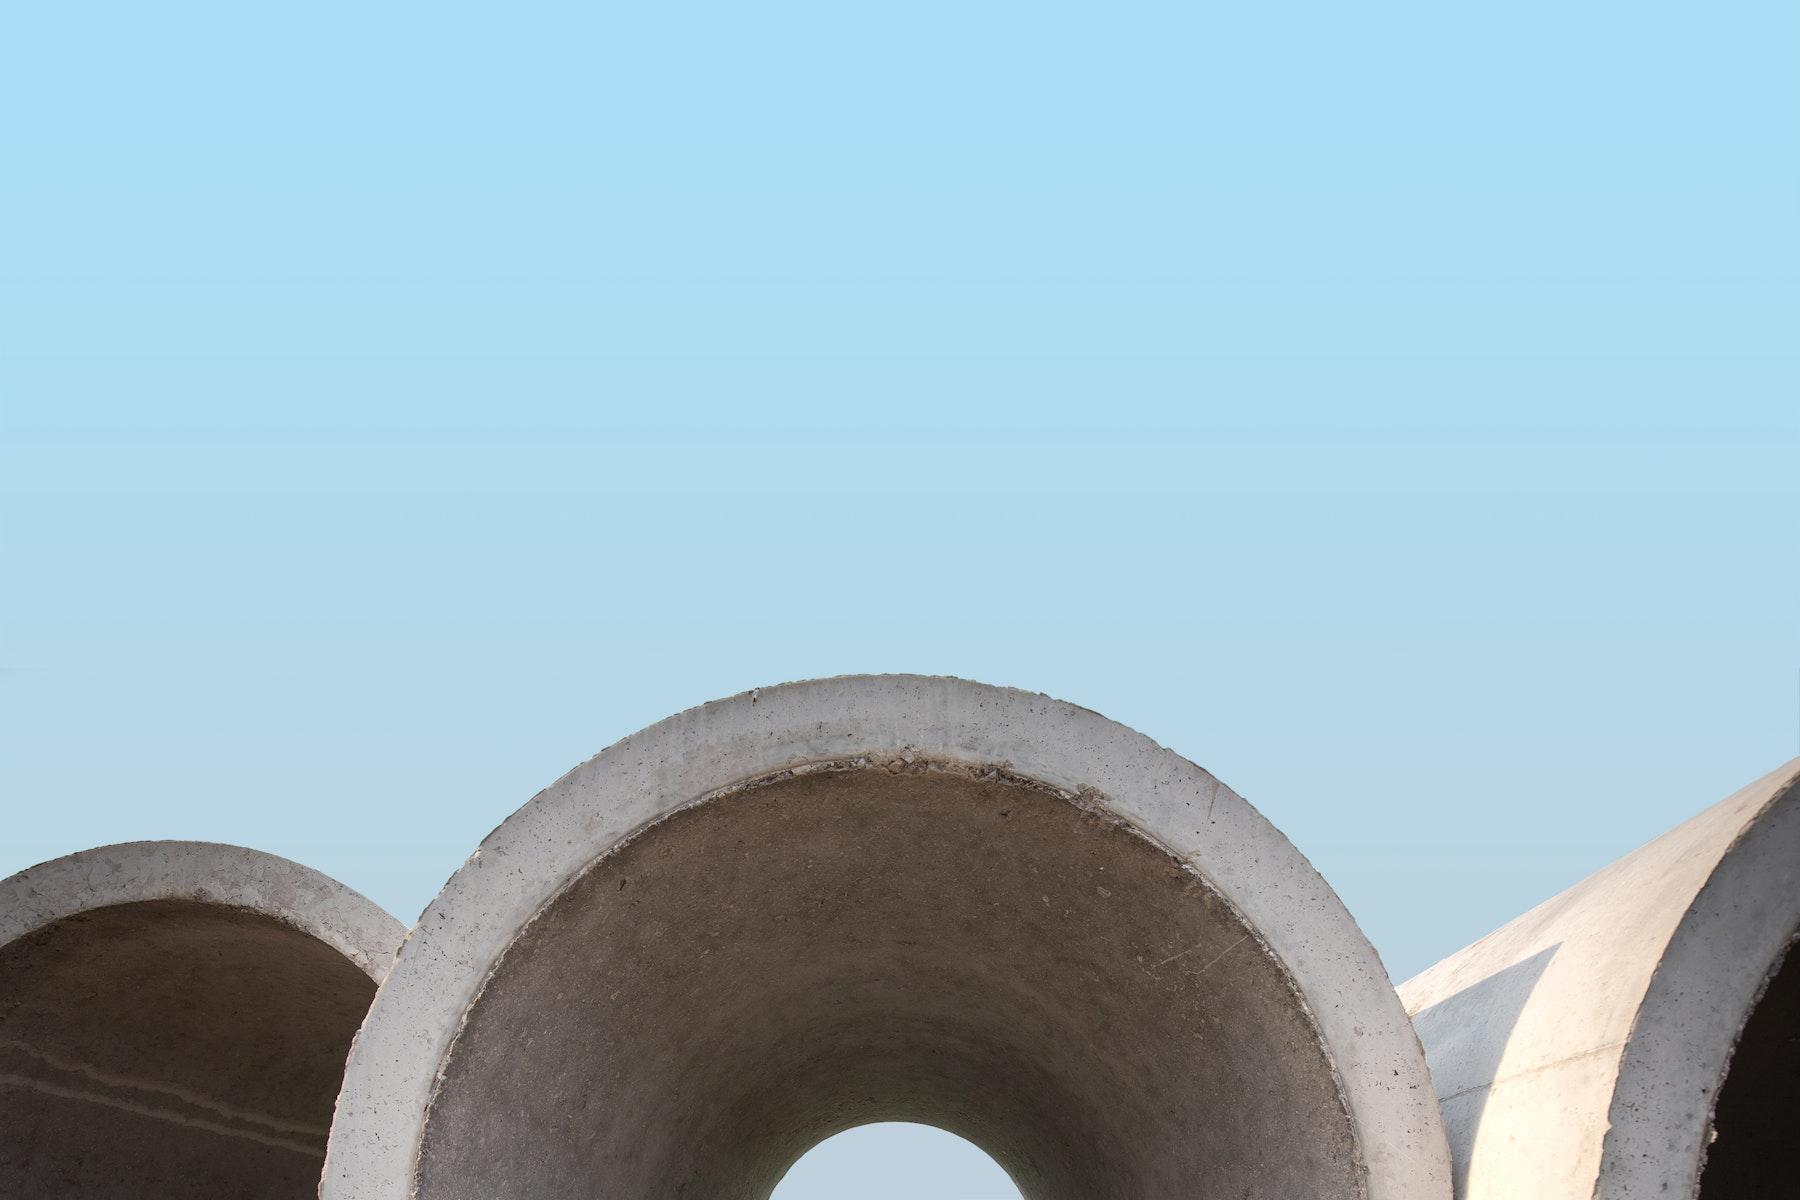 国产成年人片快播_狐狸视频下下载,乳白液体,色色自拍91视频Cement - Fuels Technologies - IEA